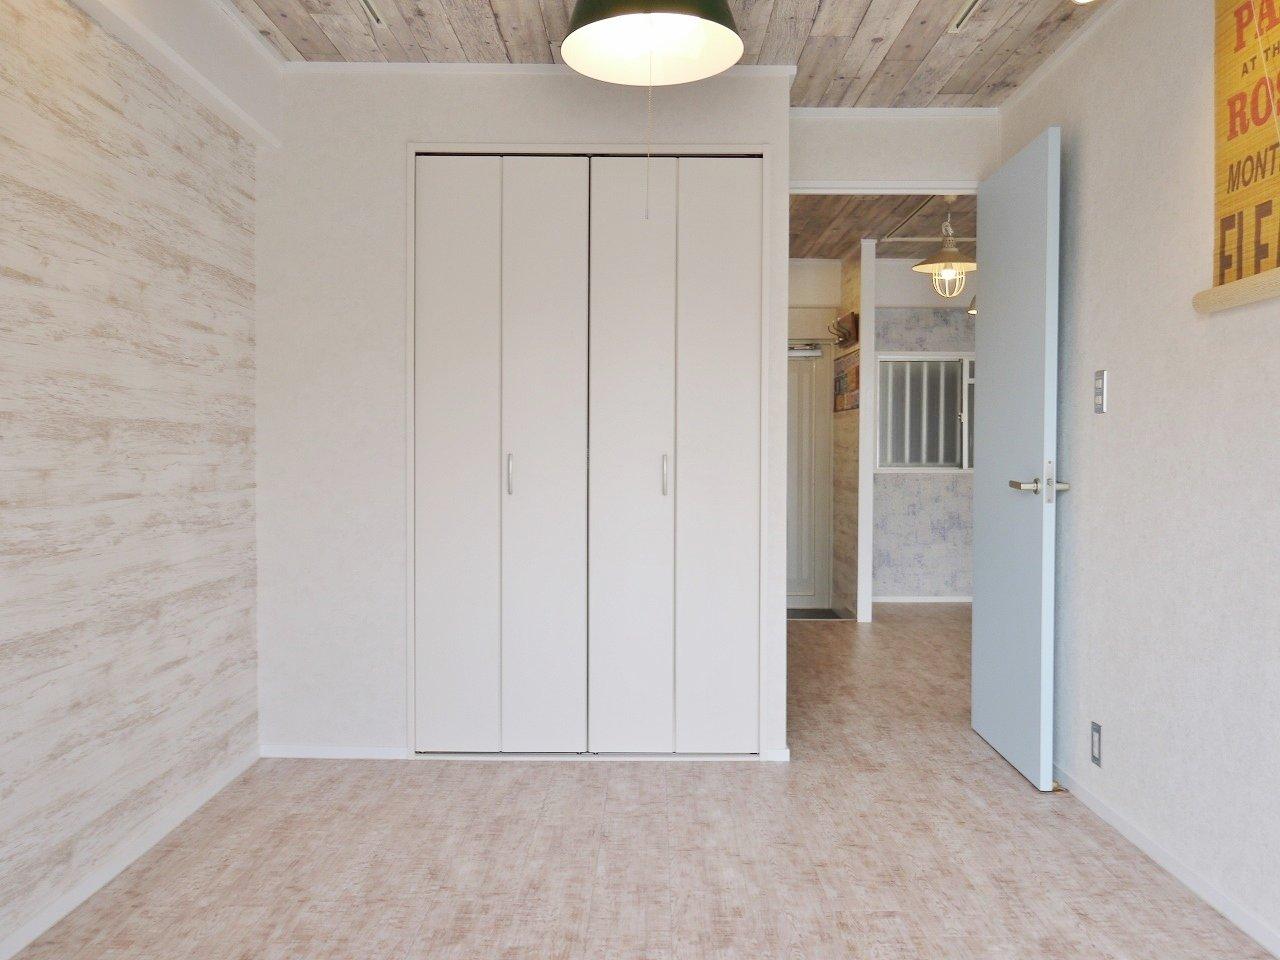 どちらもお部屋の壁紙もこだわりがつまっていますね。収納も、各部屋についていて便利です。